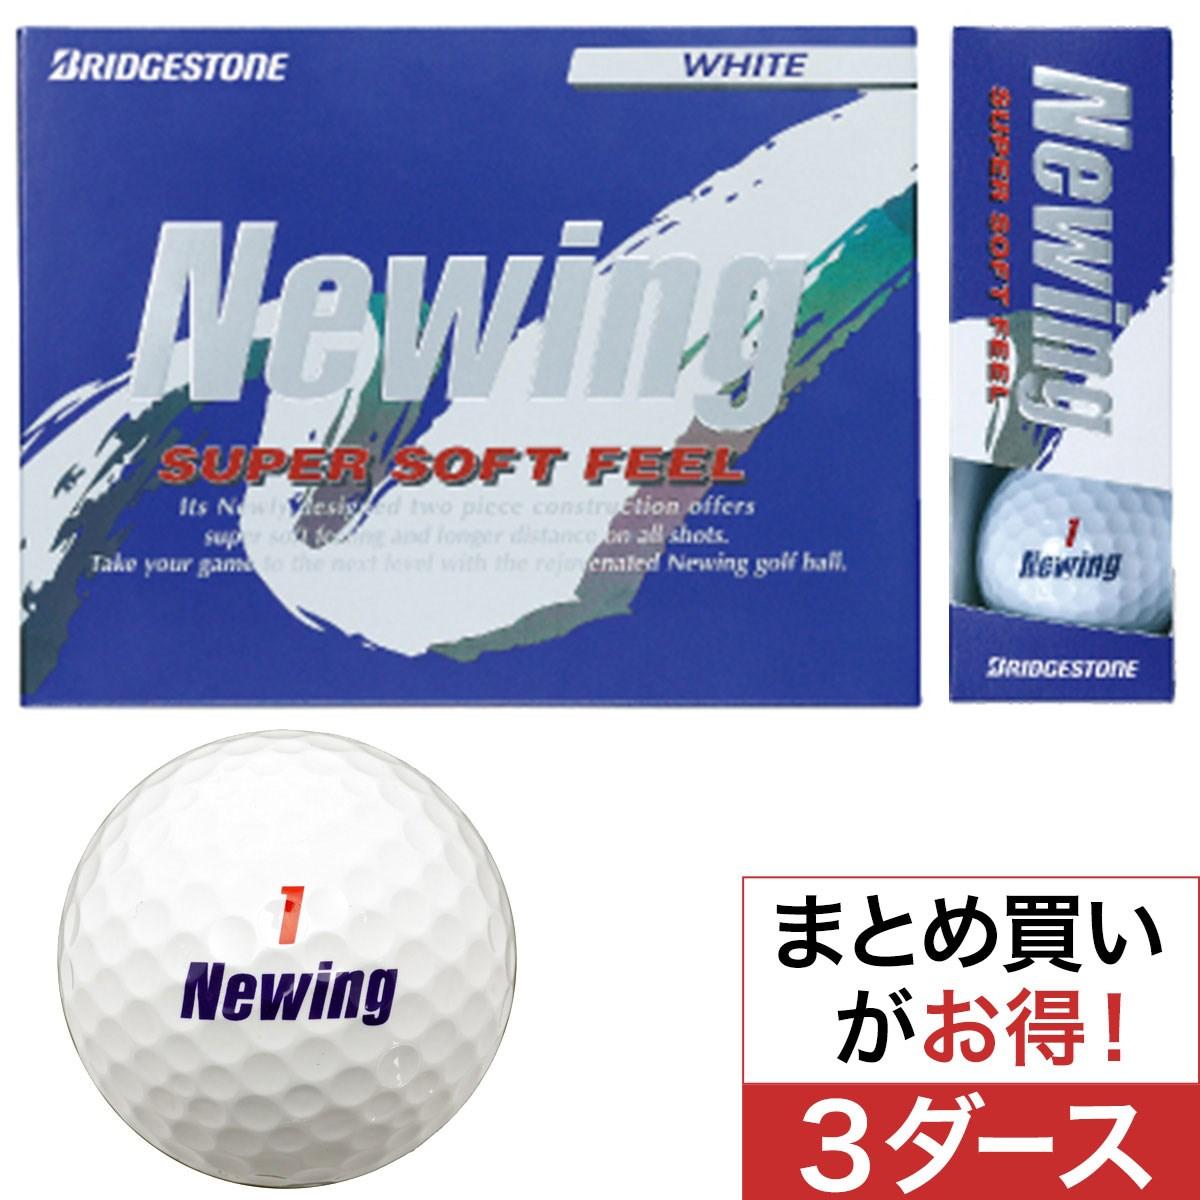 ブリヂストン(BRIDGESTONE GOLF) ニューイング SUPER SOFT FEEL ボール 3ダースセット